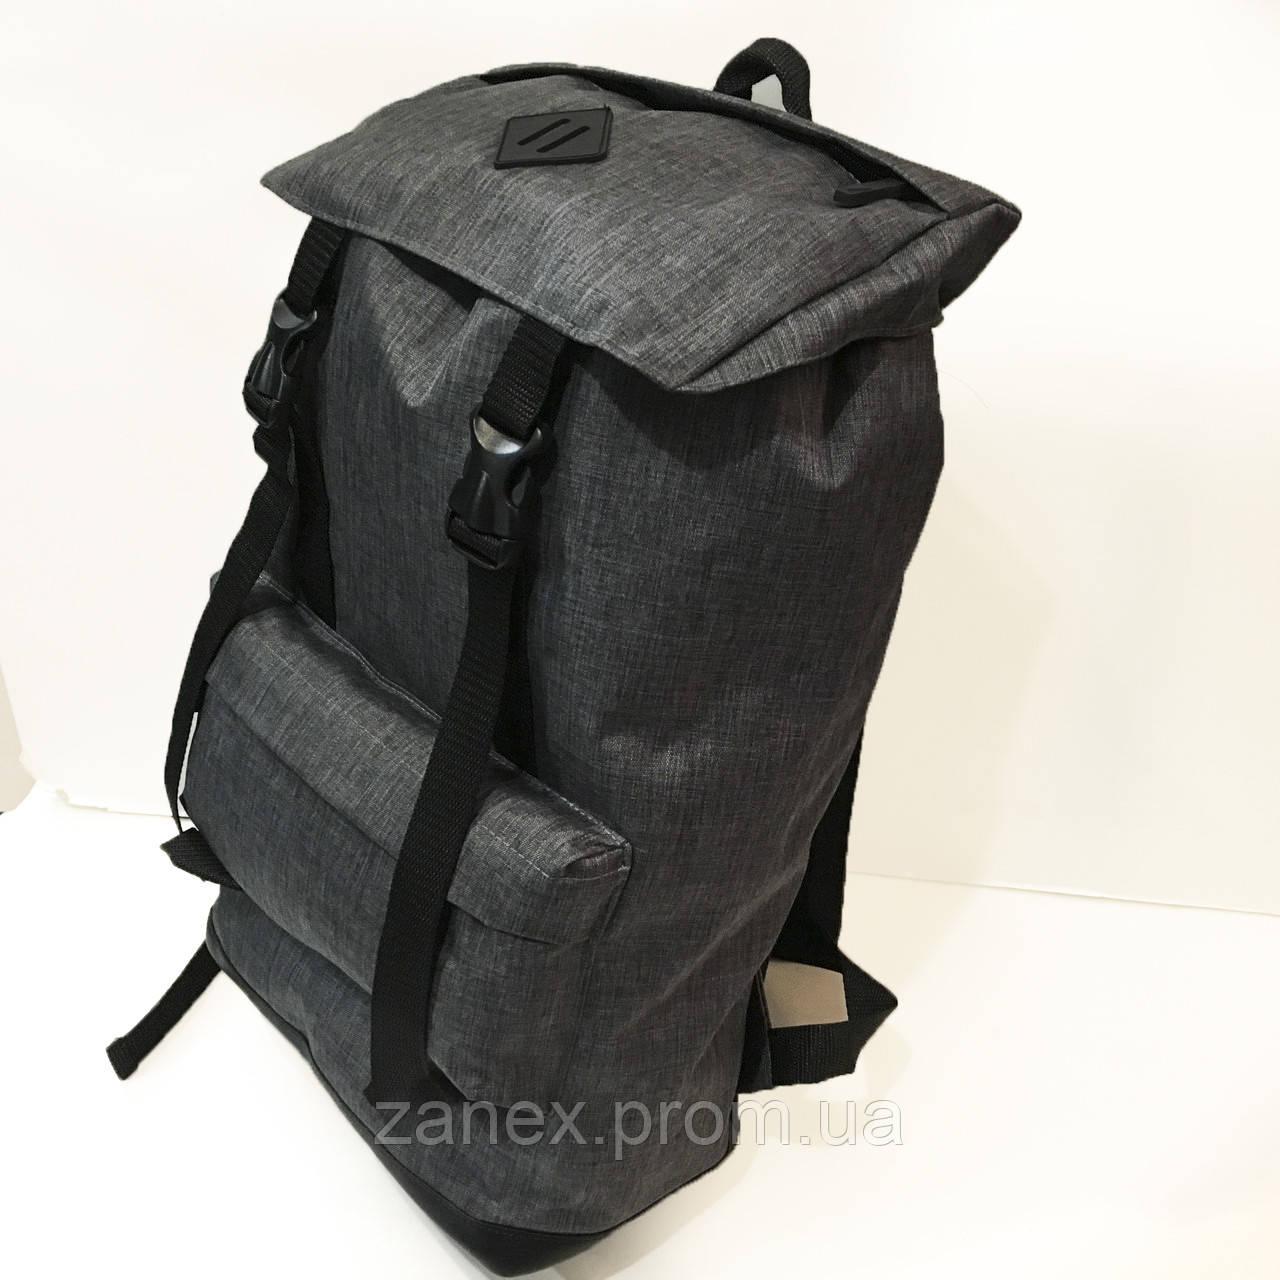 Рюкзак Zanex 20 литров туристический городской серый 50 x 28